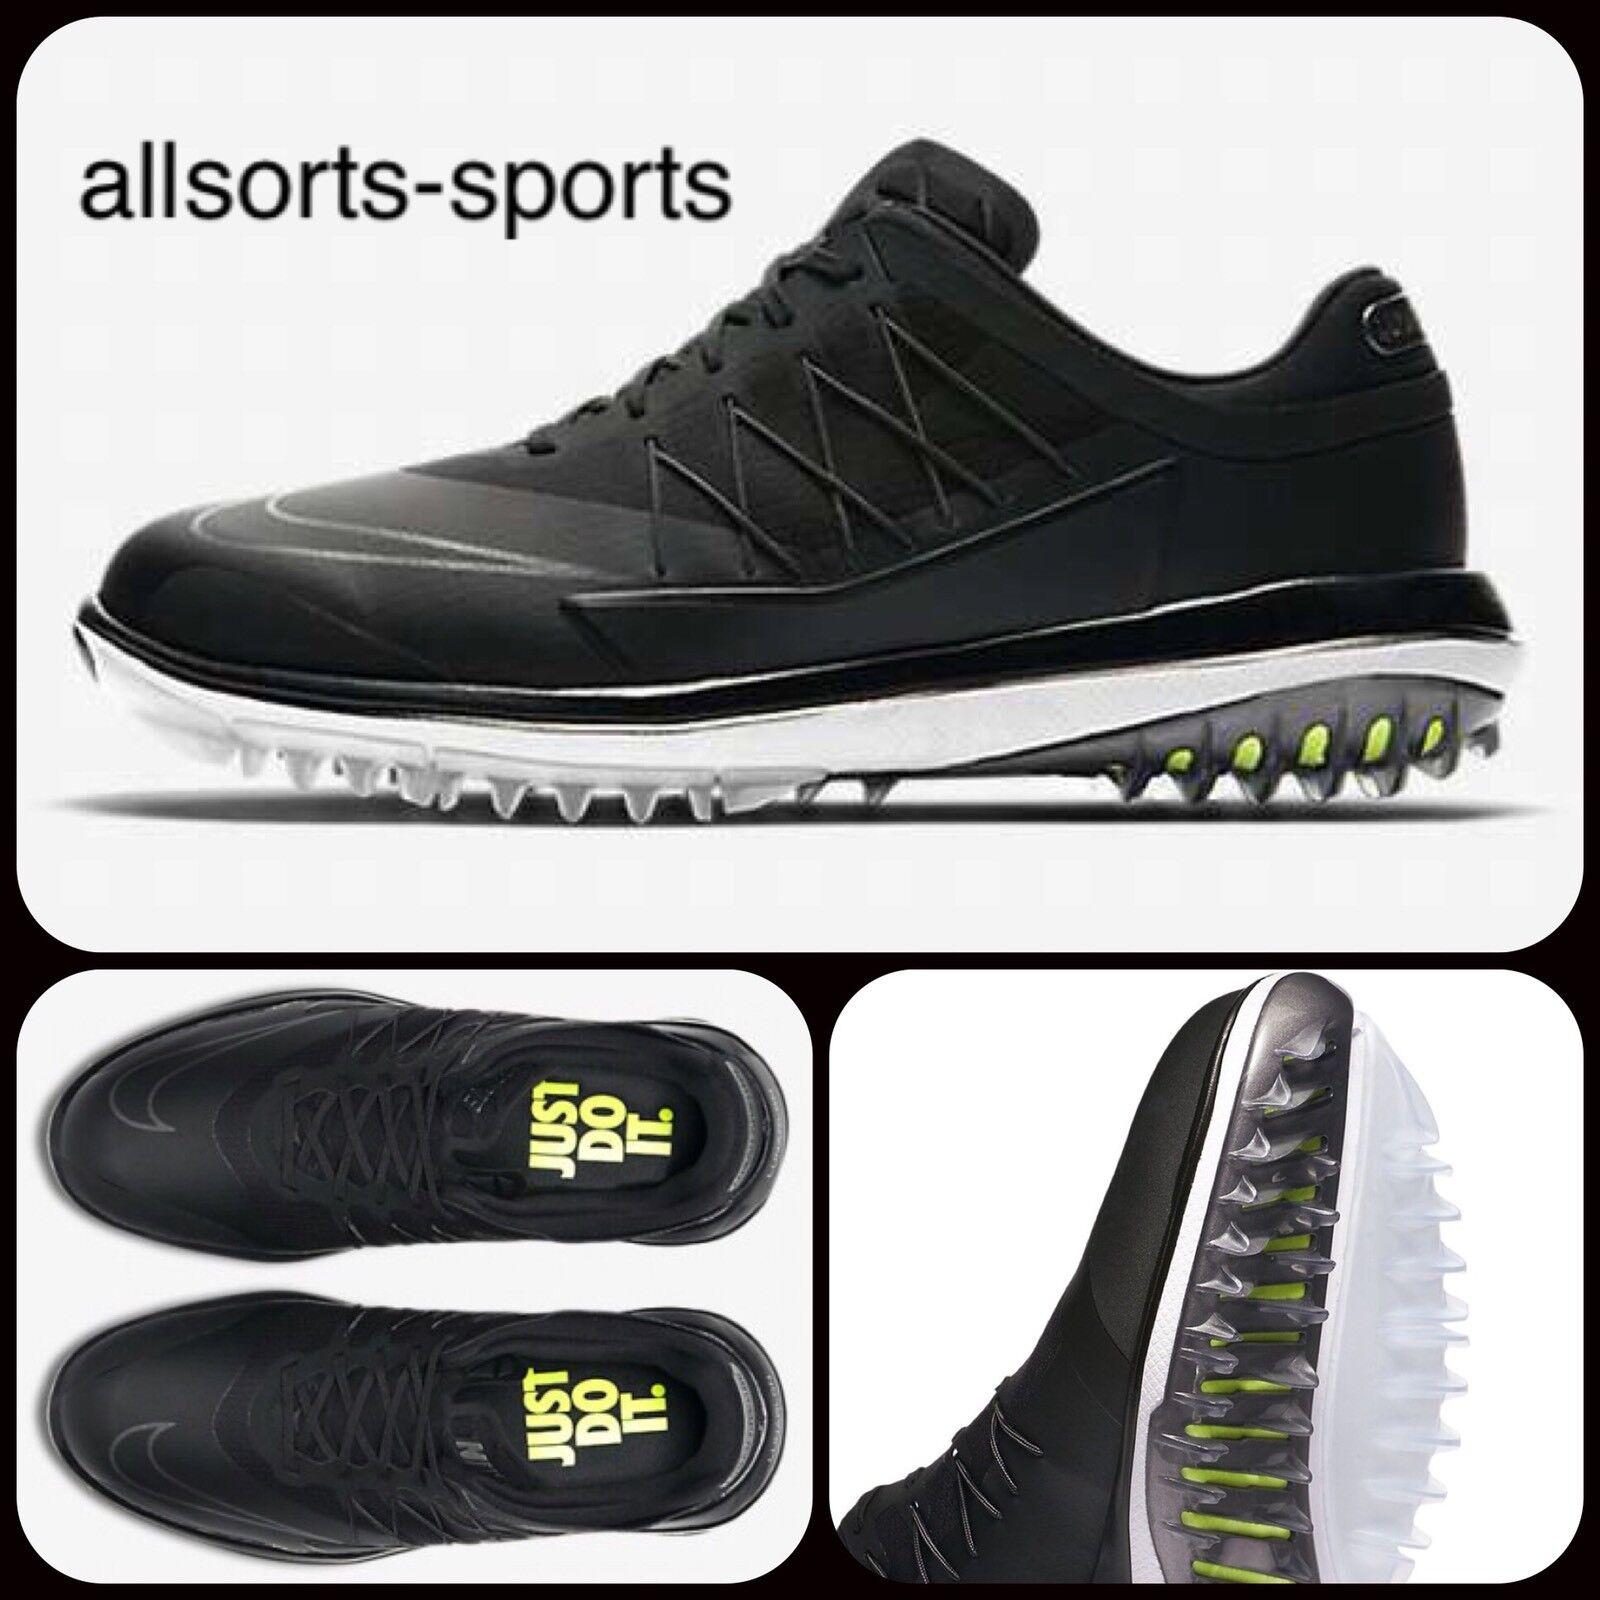 32979f2195fb ... Nike Lunar Control Vapor Golf Men s Golf Vapor Shoes 84997(1 2)- ...